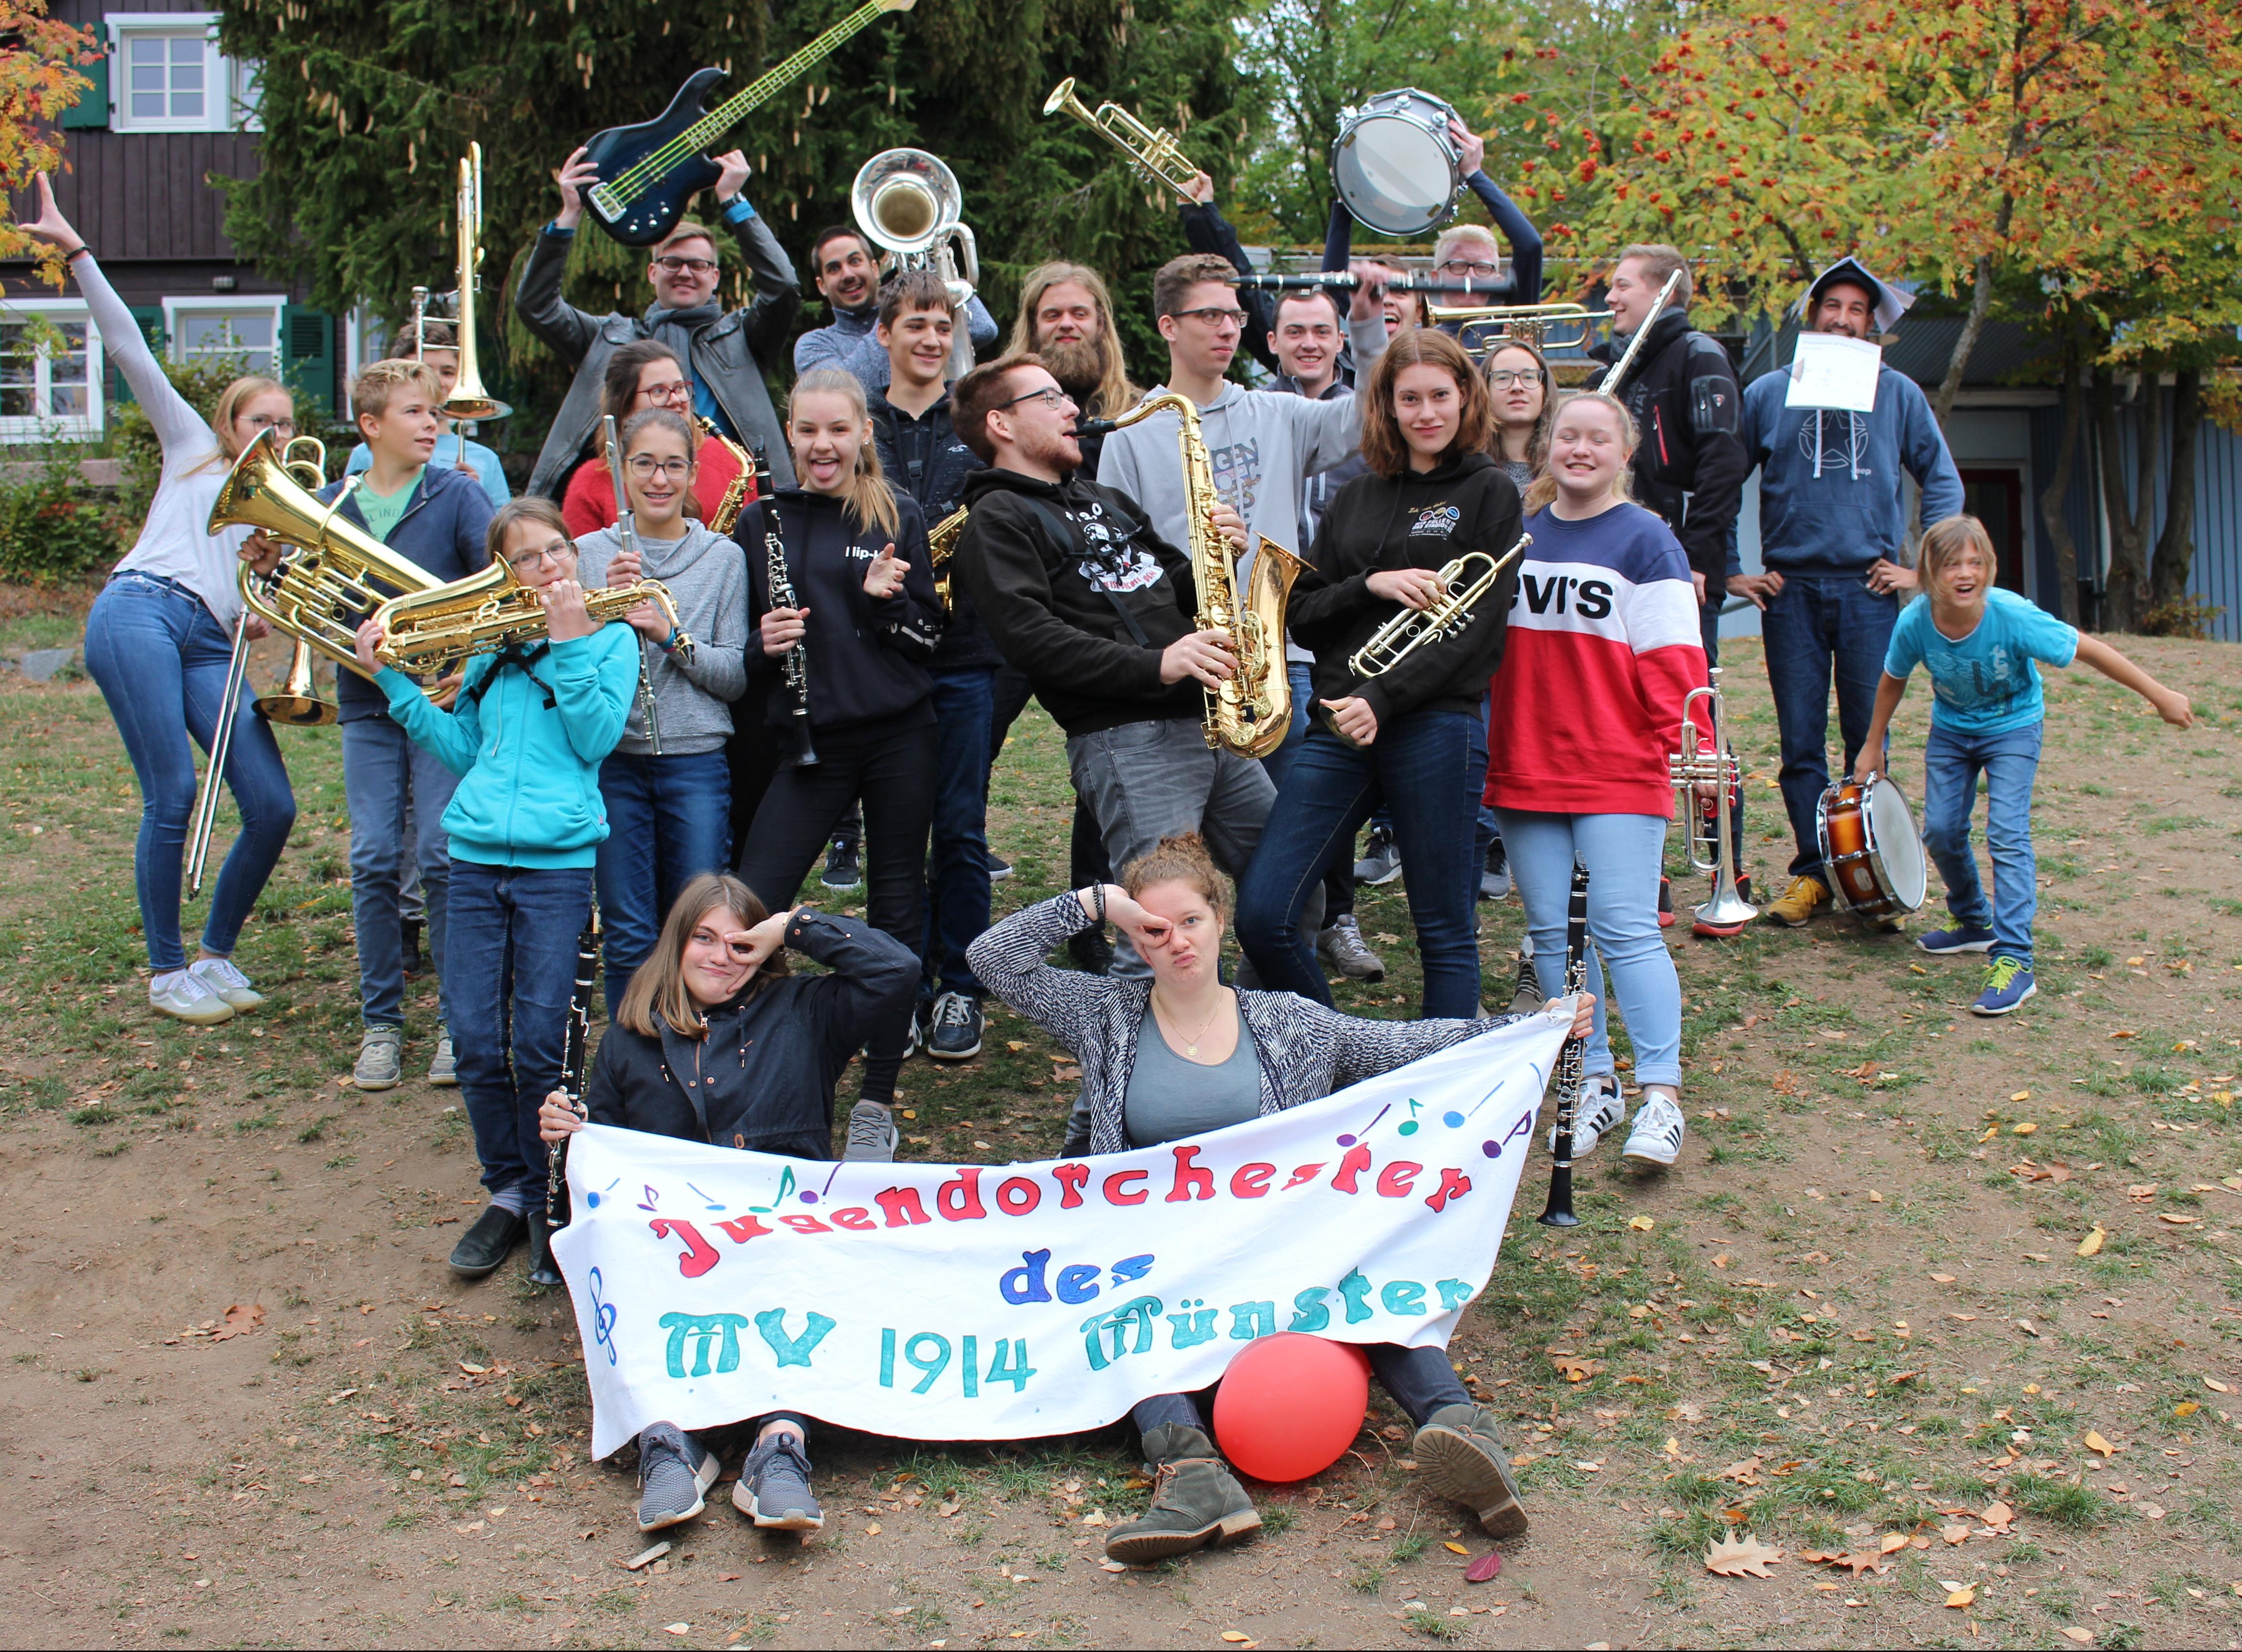 Probewochenende des Jugendorchesters